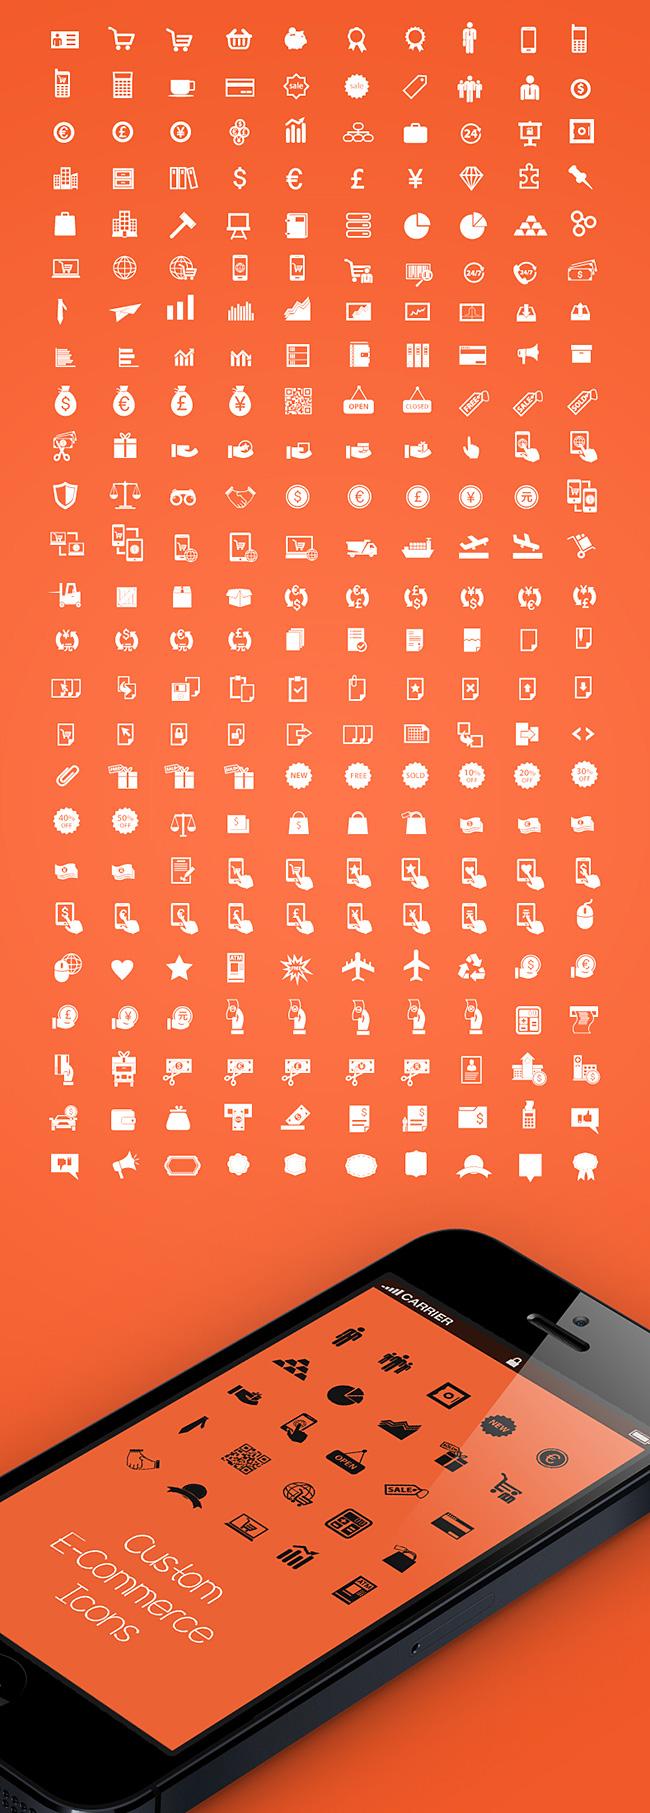 woocommerce-ecommerce-free-icons-set